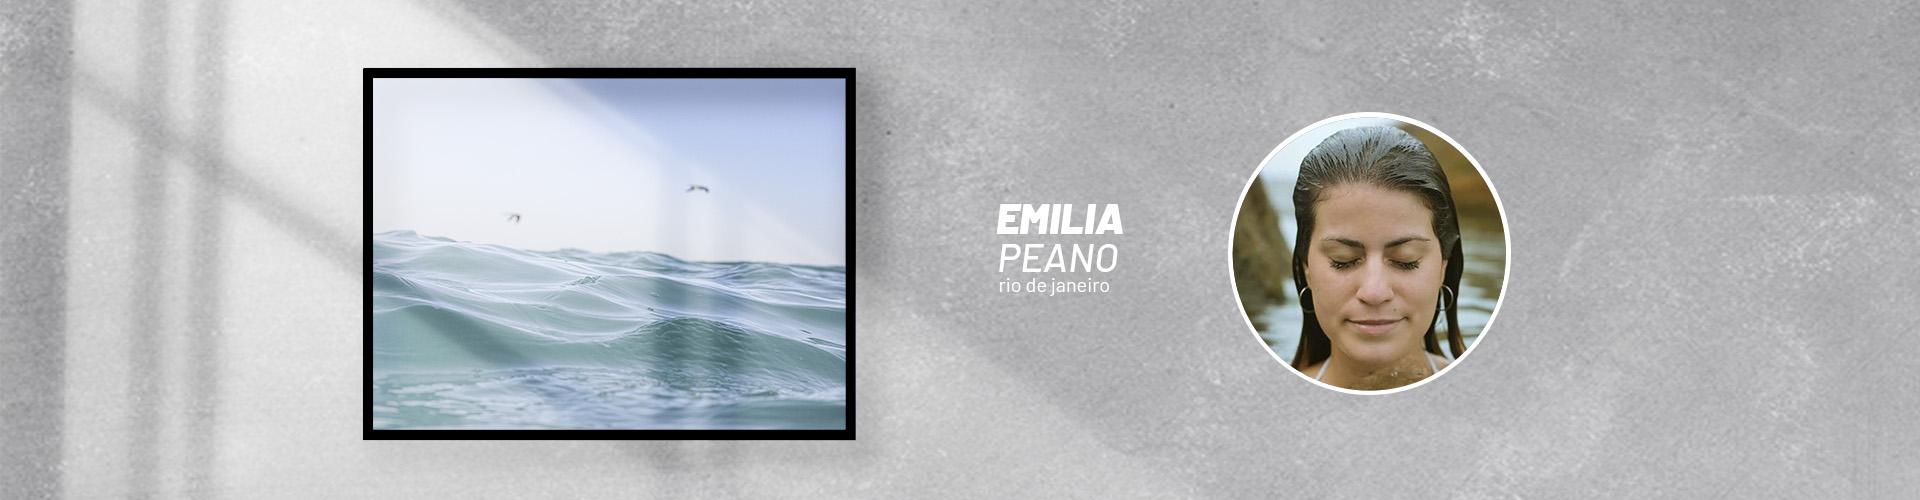 Página Artista | Emilia Peano